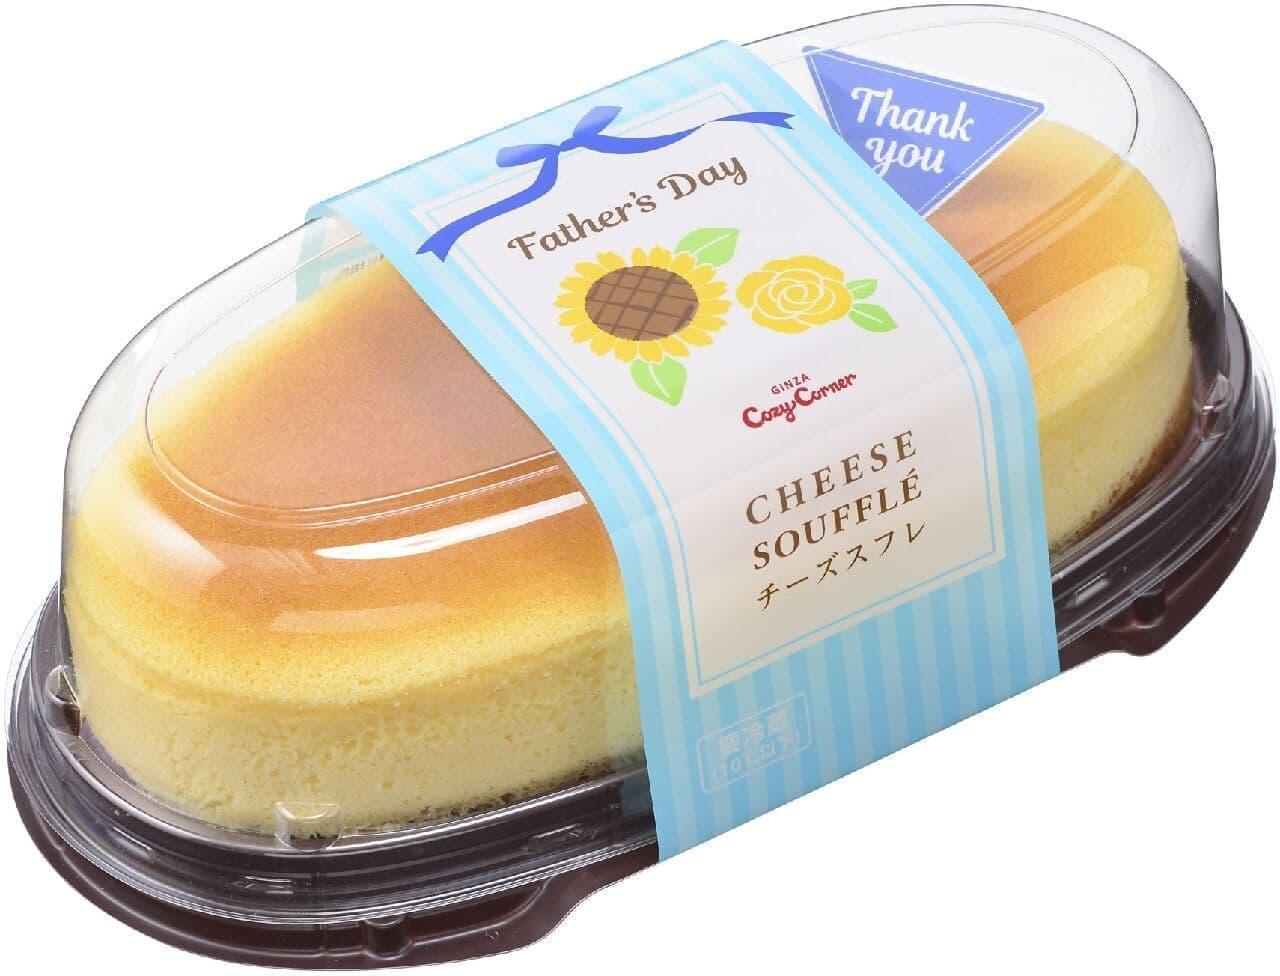 銀座コージーコーナー「父の日チーズスフレ」